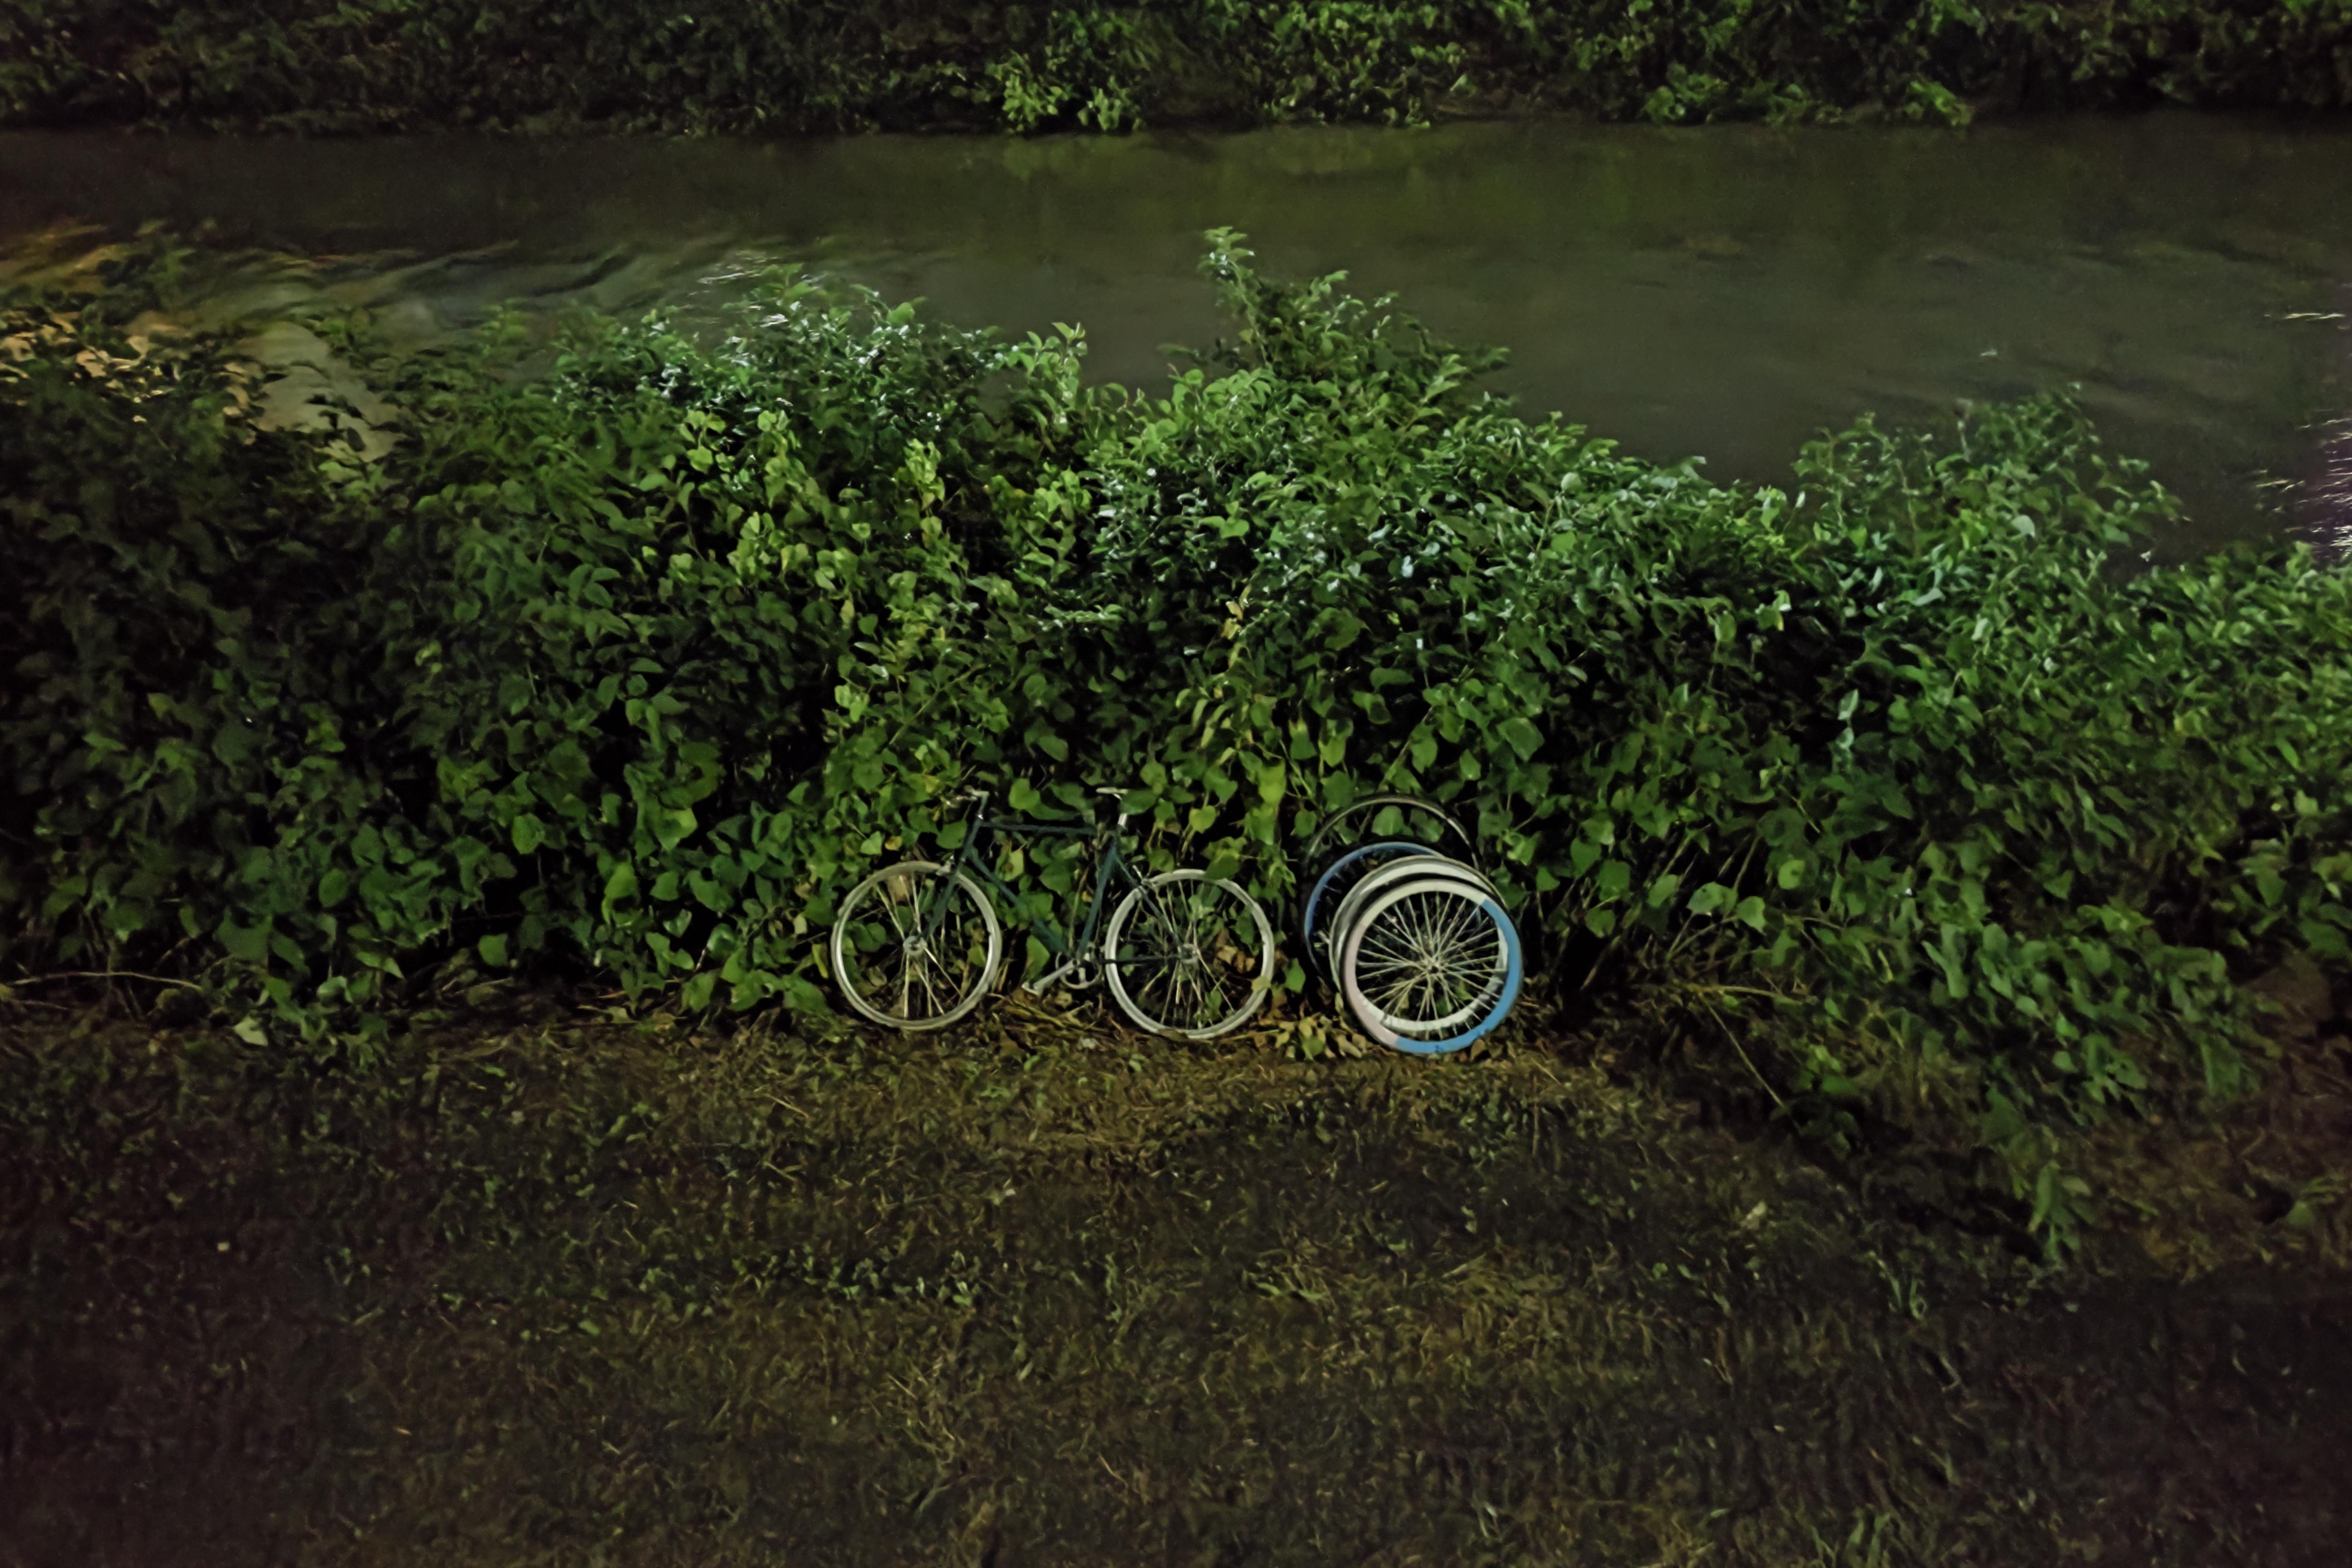 ほぼ真っ暗な河川敷をナイトモードで。投棄されていた自転車がクッキリと浮かび上がった。ISO:1125